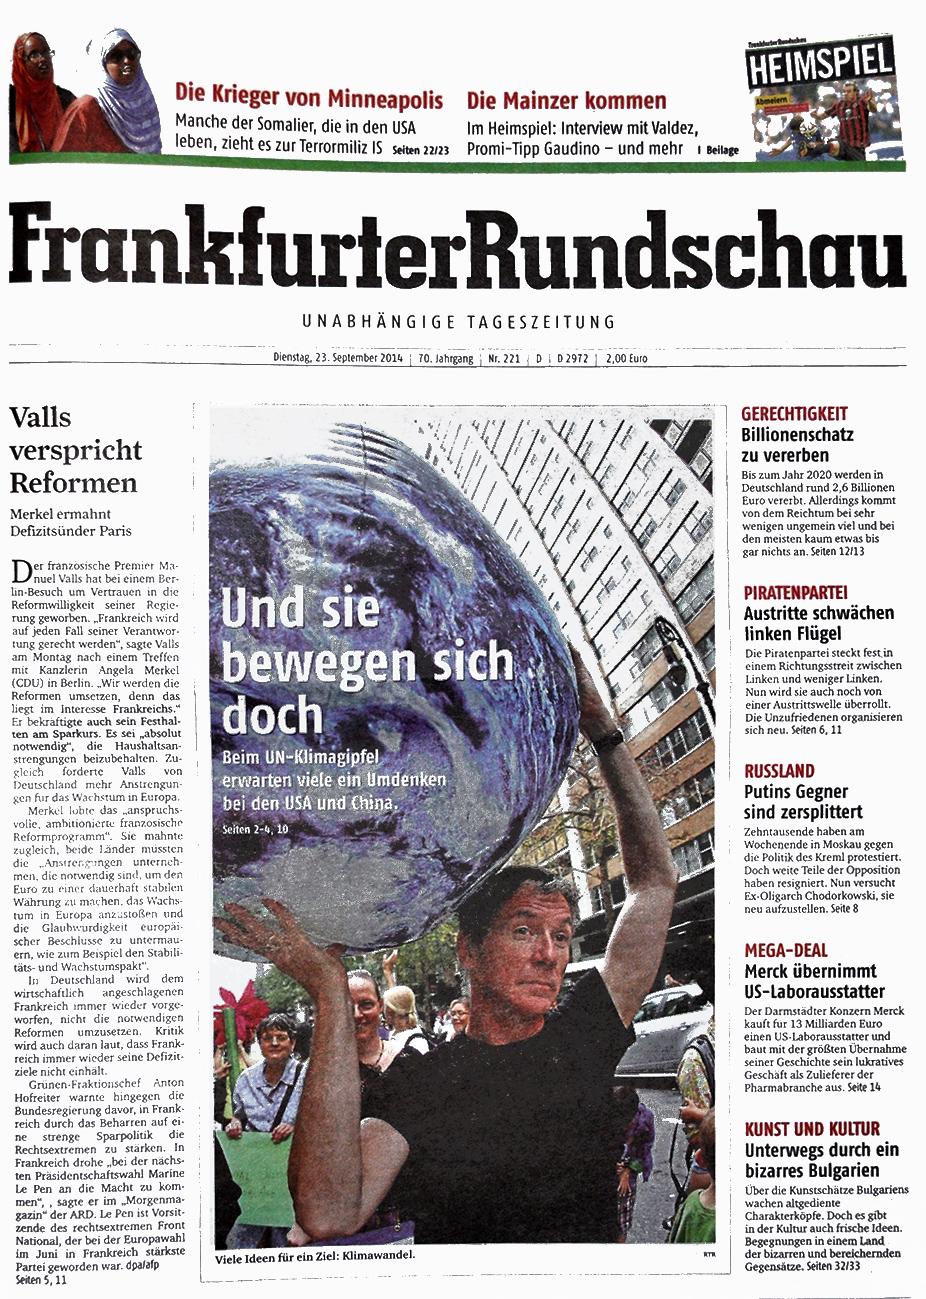 Frankfurter_Rundschau_crop.jpg